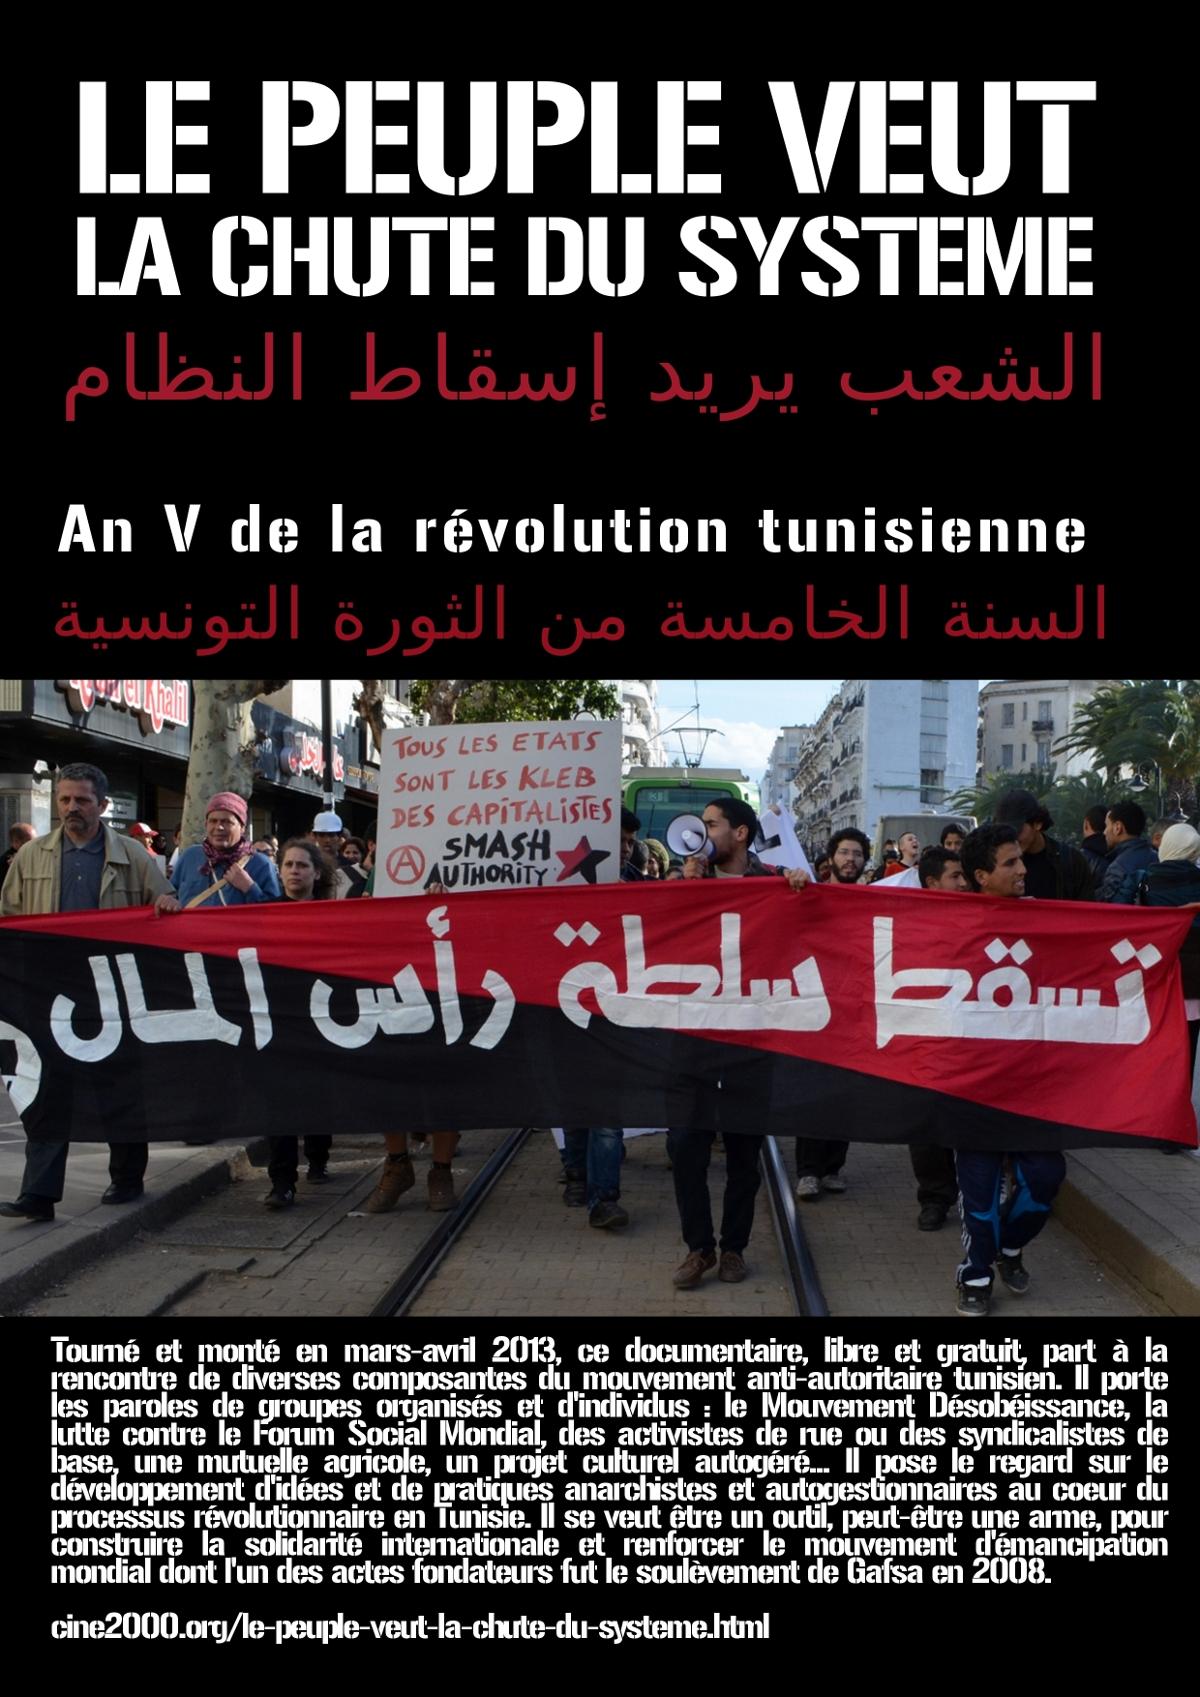 http://juralib.noblogs.org/files/2013/07/33.jpg